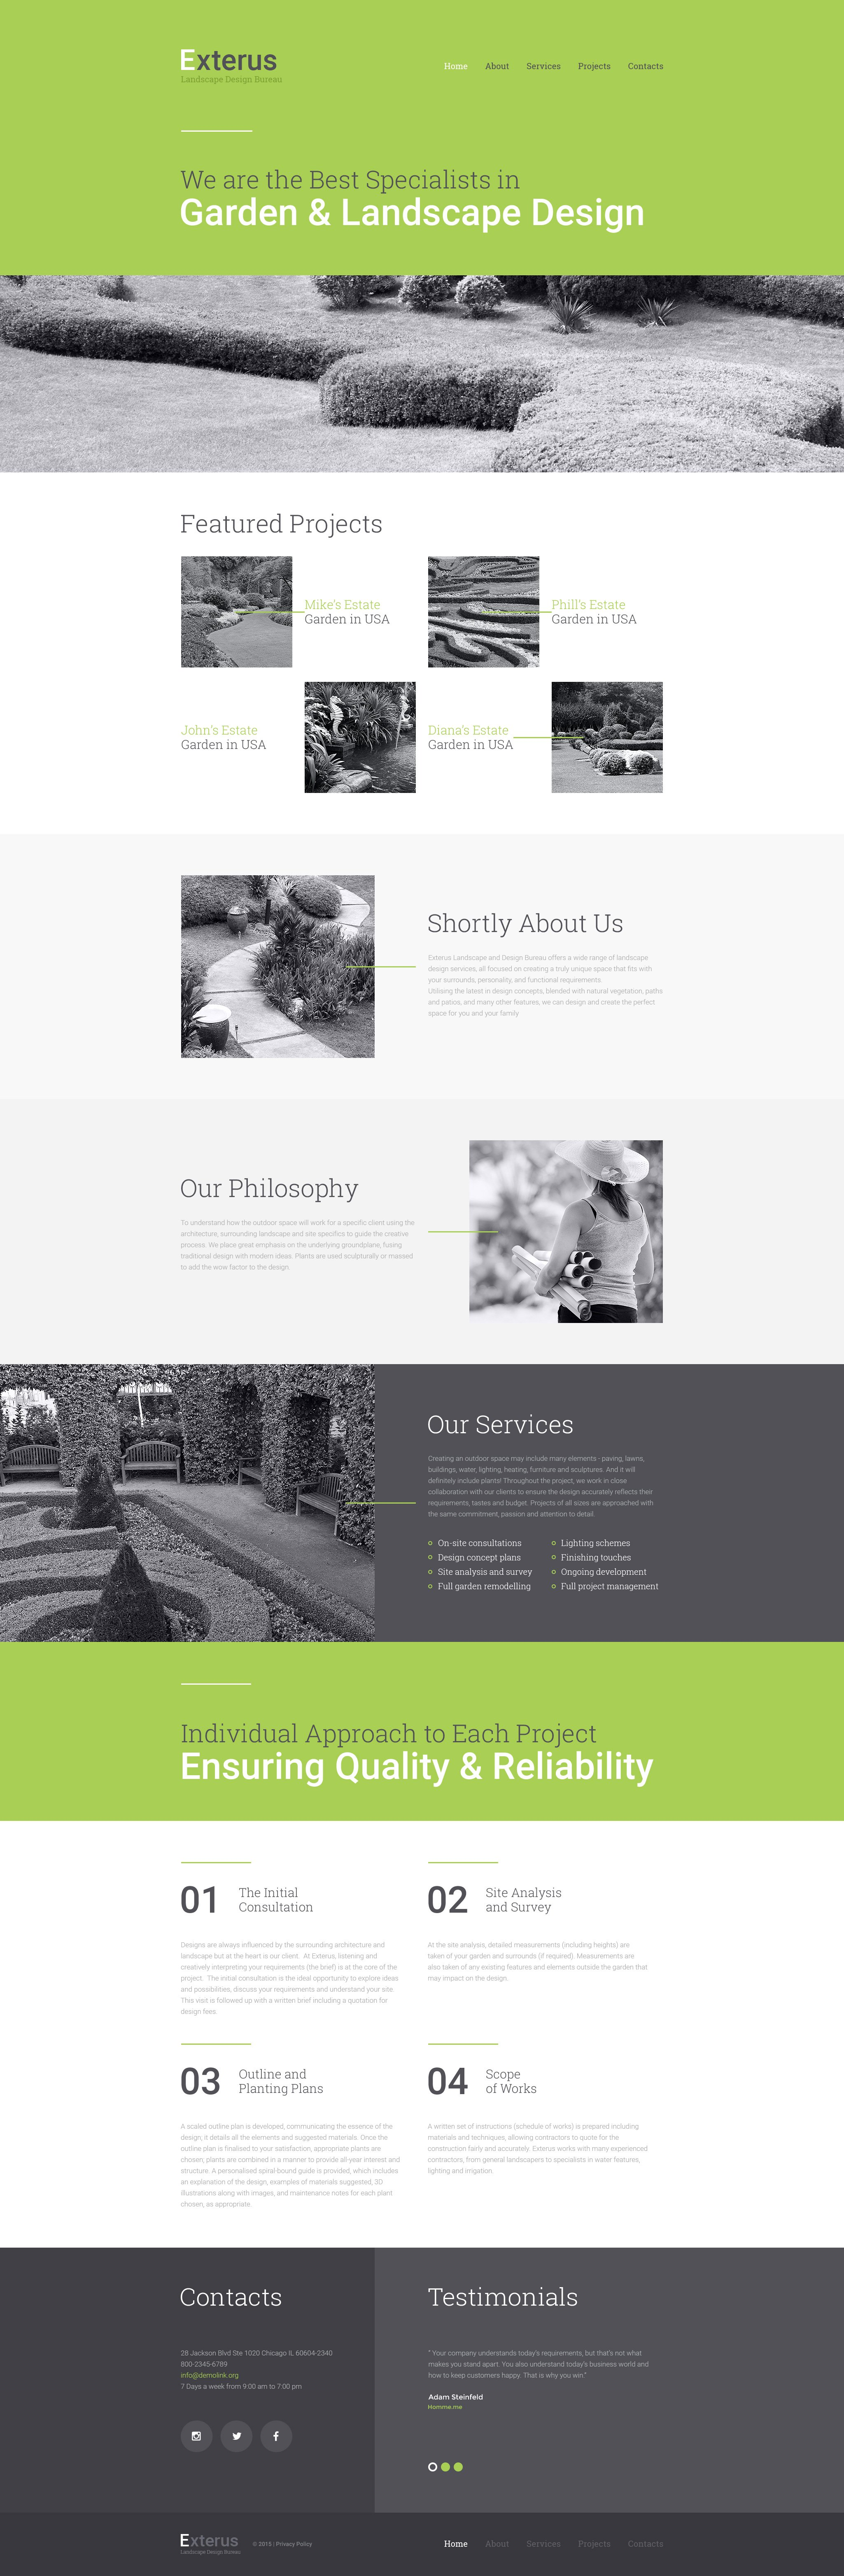 Exterus Website Template - screenshot